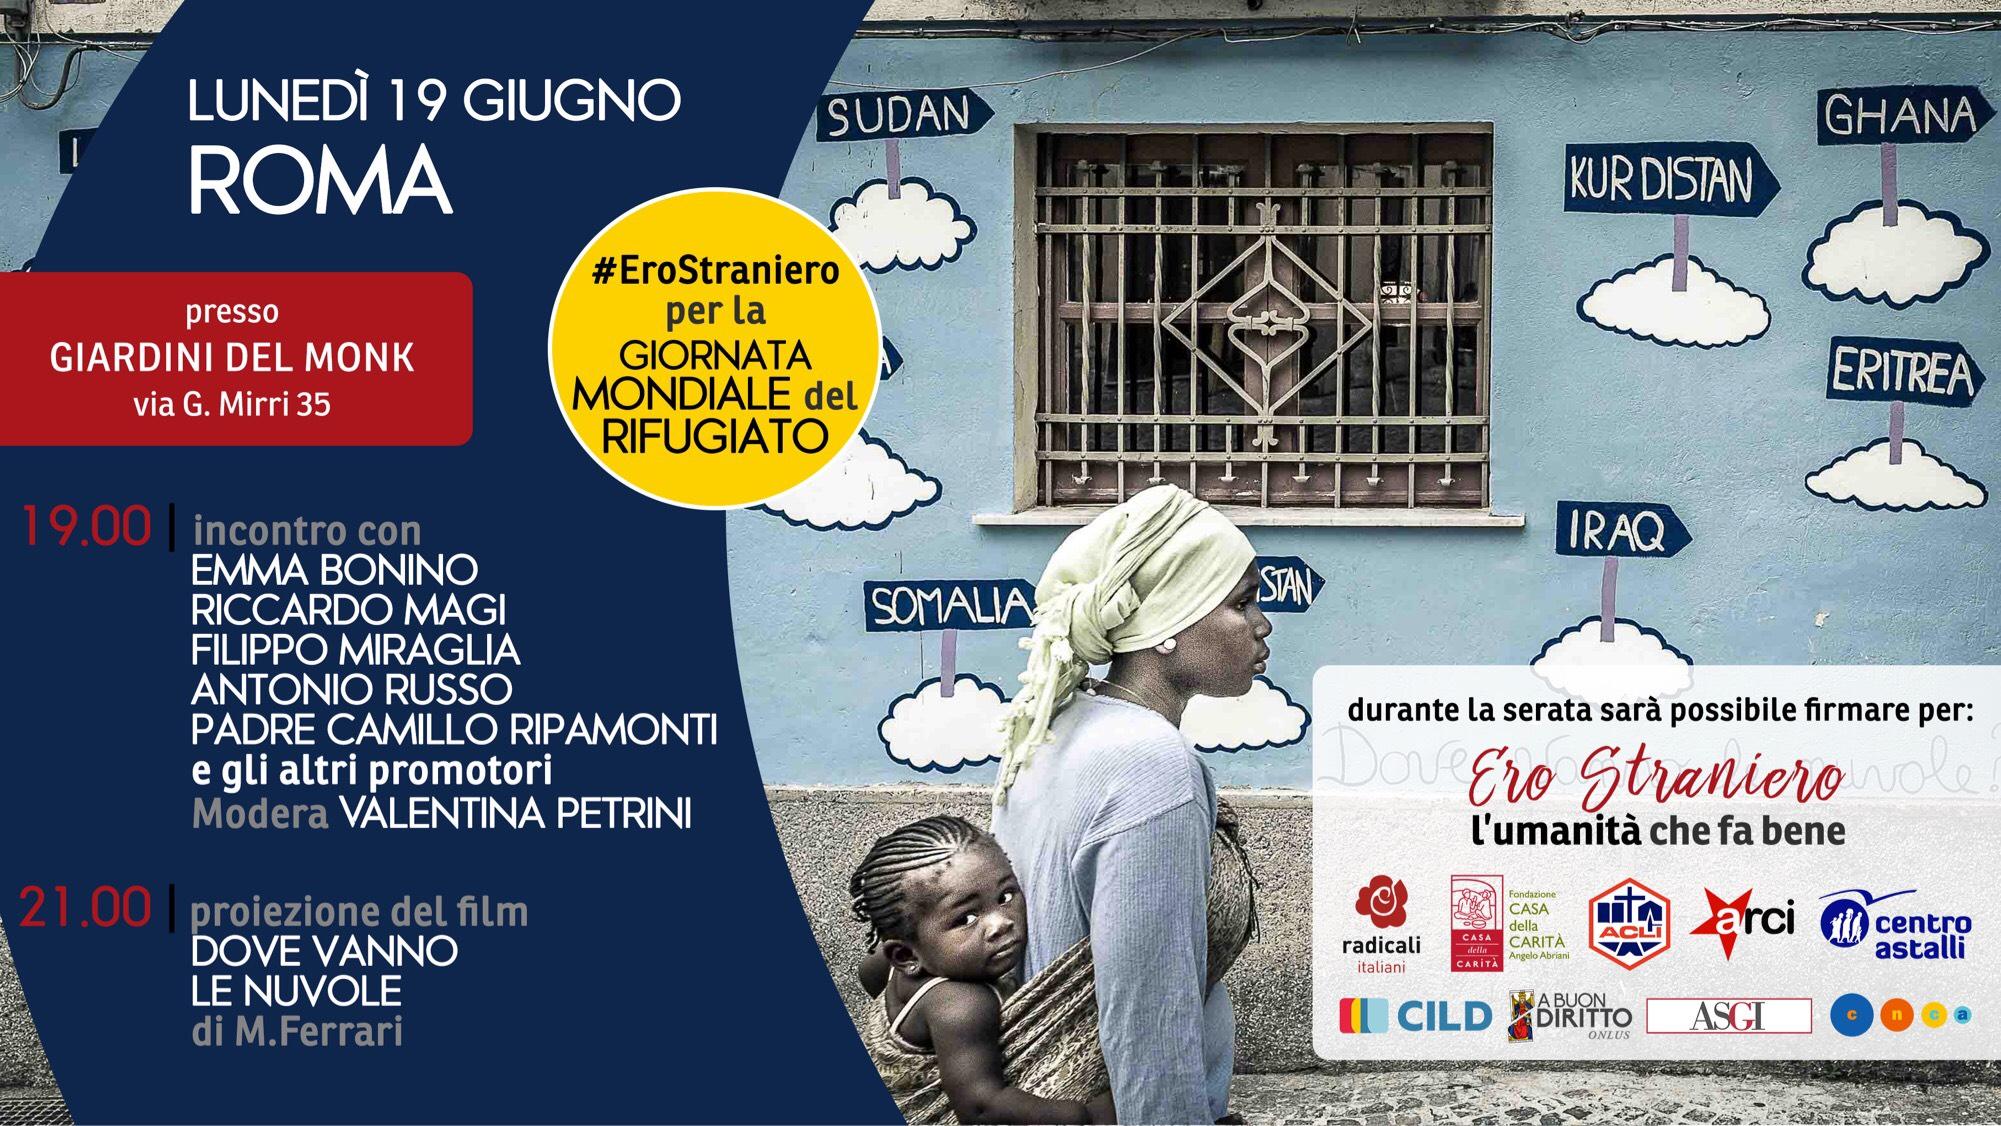 20 giugno, Giornata mondiale del Rifugiato: ecco tutte le iniziative CILD